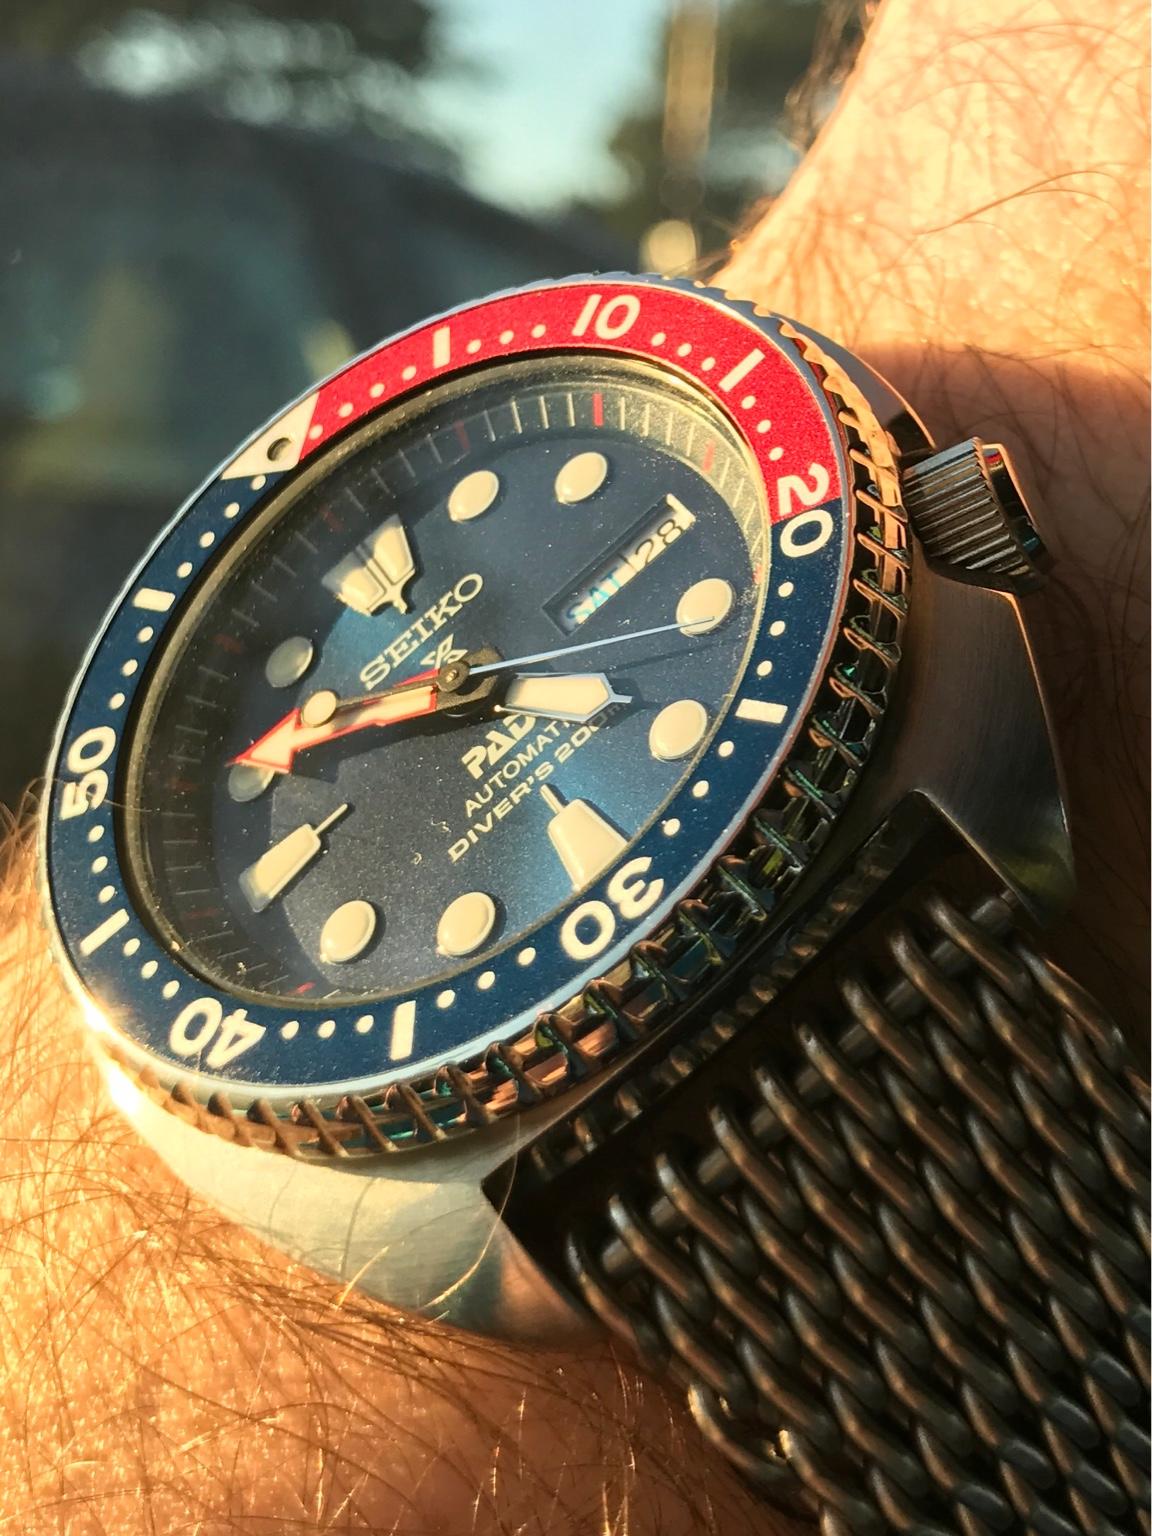 Best style seiko dive watch - Best seiko dive watch ...